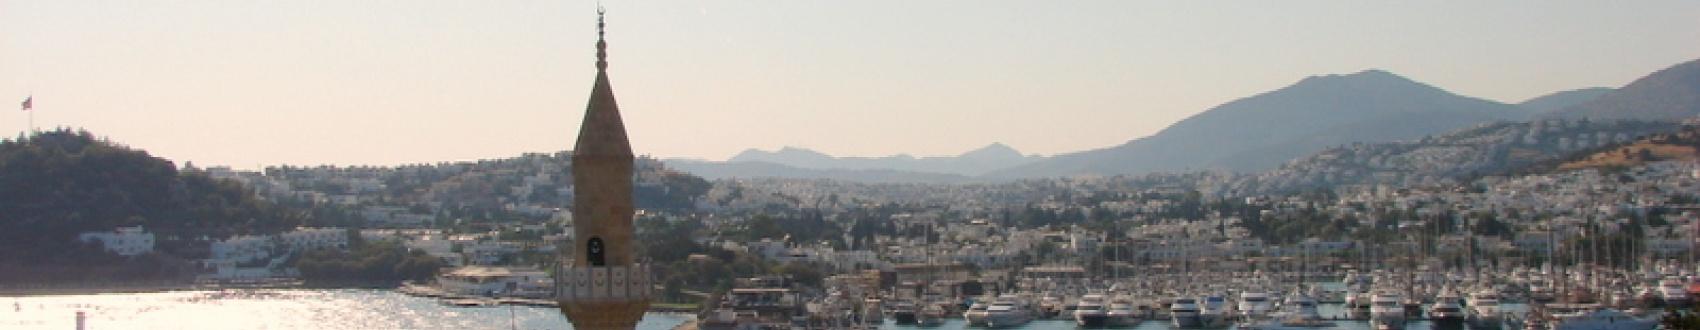 Czarter jachtu Turcja - Rejsy i akweny w Turcji